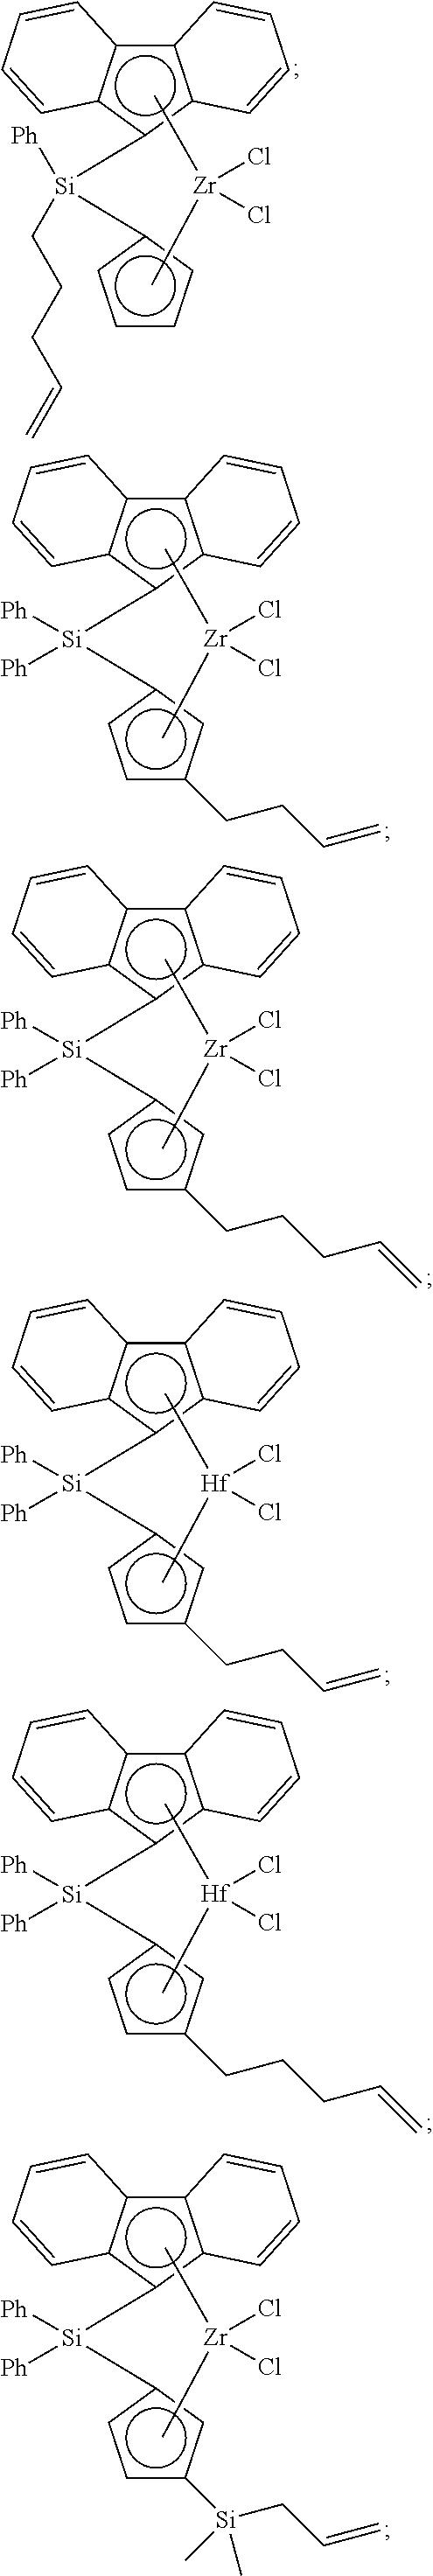 Figure US08288487-20121016-C00030